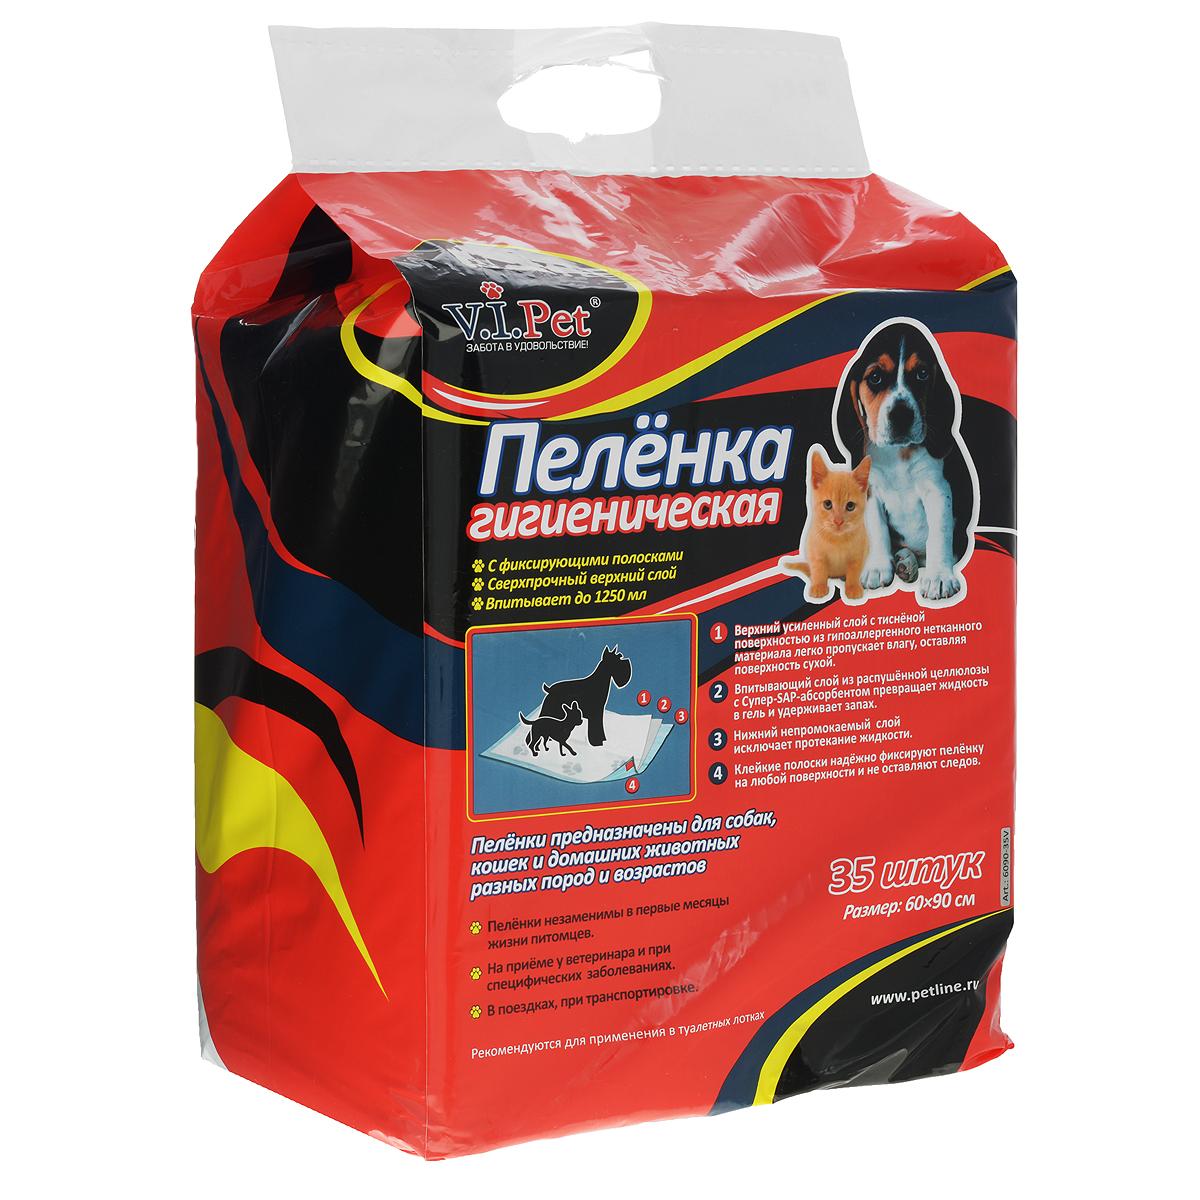 Пеленки для домашних животных V.I.Pet, гигиенические, 60 см х 90 см, 35 шт0120710Впитывающие гигиенические пеленки V.I.Pet предназначены для собак, кошек и других домашних животных разных пород и возрастов. Пеленки имеют 3 слоя:- верхний усиленный слой с тисненой поверхностью из гипоаллергенного нетканного материала легко пропускает влагу, оставляя поверхность сухой; - впитывающий слой из распушенной целлюлозы с Супер-SAP-абсорбентом превращает жидкость в гель и удерживает запах; - нижний непромокаемый слой исключает протекание жидкости; Клейкие полоски надежно фиксируют пеленку на любой поверхности и не оставляют следов. Пеленки незаменимы в первые месяцы жизни щенков, при специфических заболеваниях, поездках, выставках и на приеме у ветеринара. Подходят для туалетных лотков.Благодаря оригинальной 3-х слойной компановке, пеленки прекрасно удерживают влагу. Сохраняют форму, поглощая до 1250 мл жидкости. Сверхпрочный верхний слой устойчив к повреждениям и острым когтям. Пеленки обеспечивают комфорт и спокойствие вам и вашему питомцу. Комплектация: 35 шт. Размер пеленки: 60 см х 90 см.Товар сертифицирован.